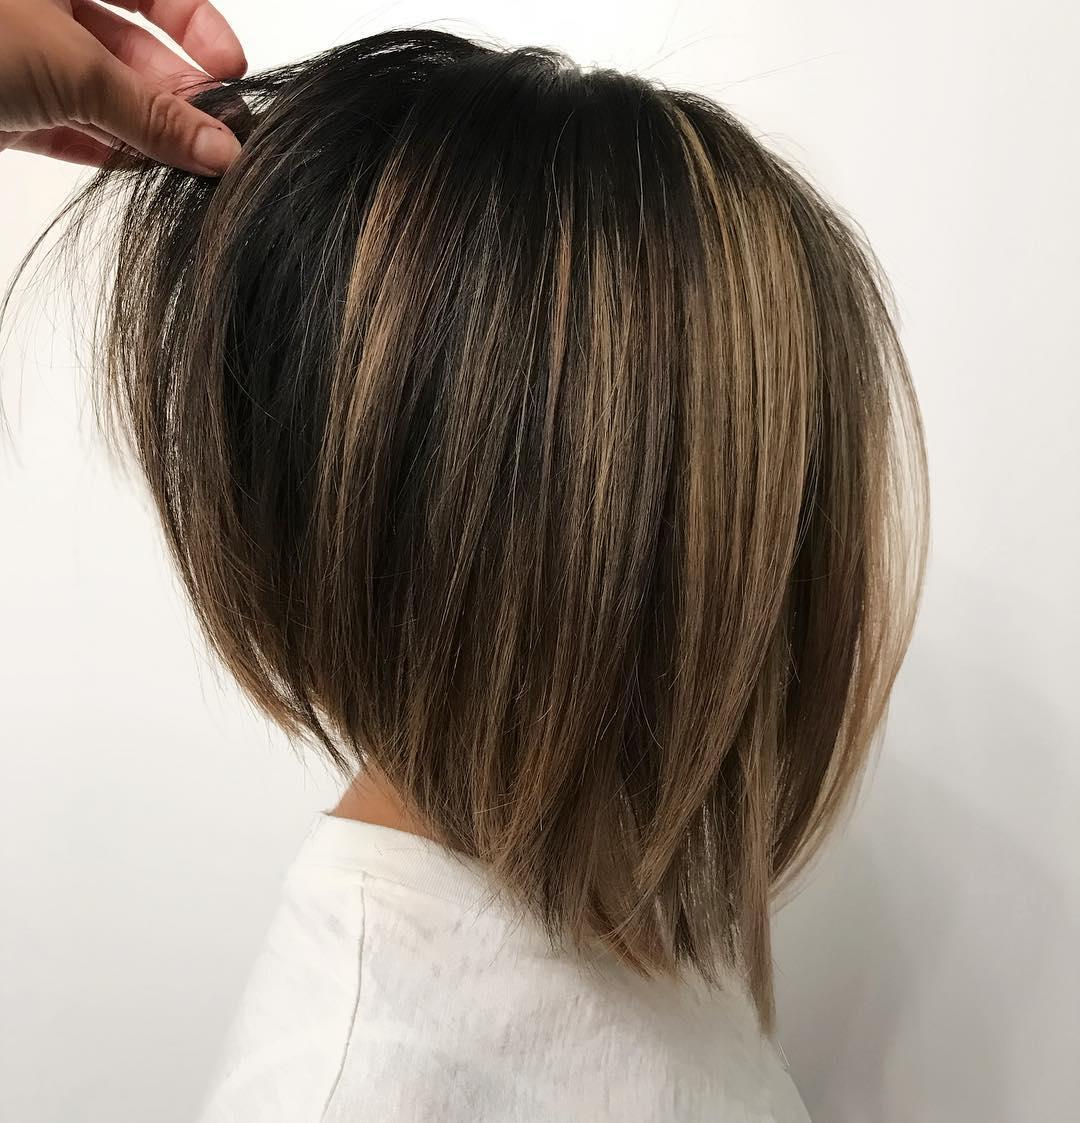 Укладка на короткие волосы с объемом фото 10